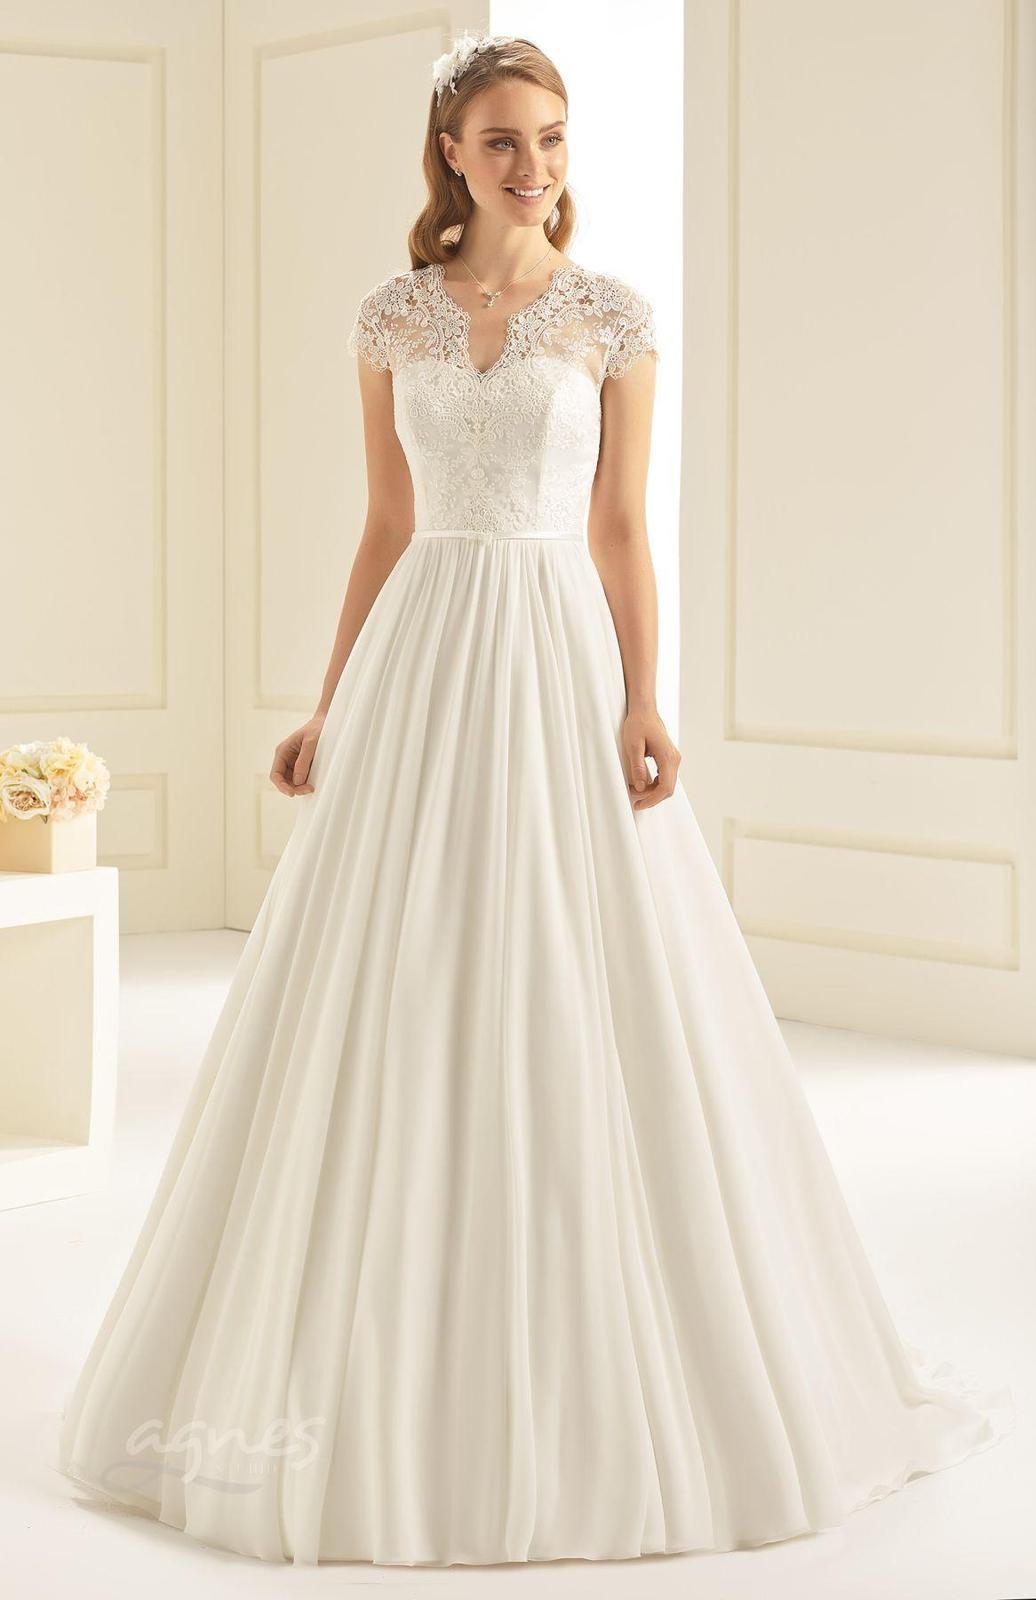 Krásné svatební šaty vel. 40 - Obrázek č. 1